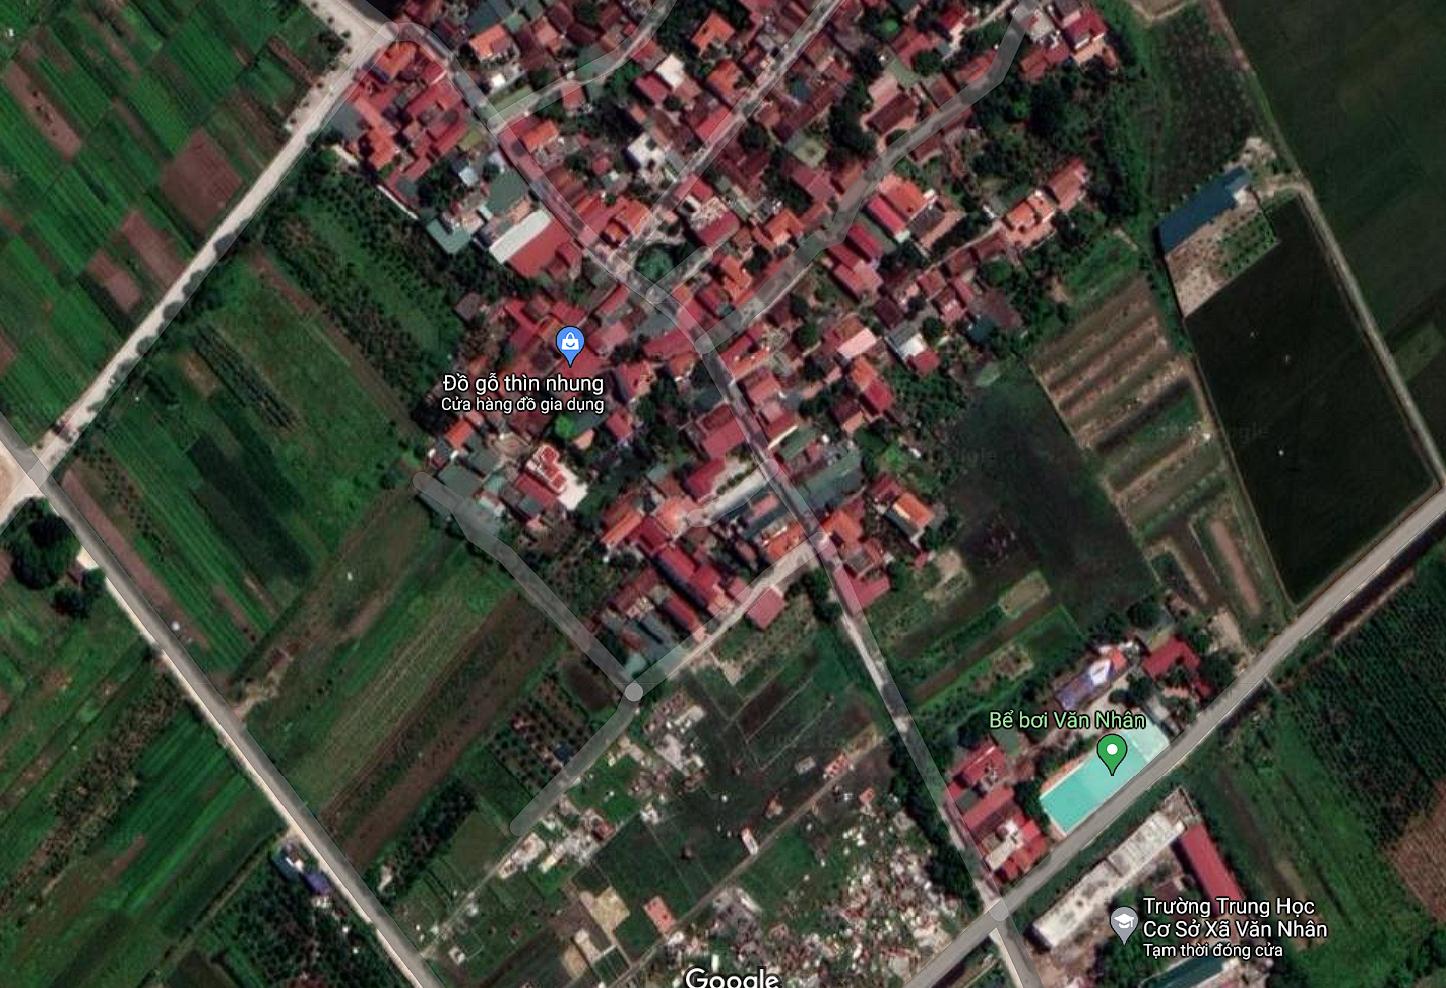 Đất dính quy hoạch ở xã Nam Tiến, Phú Xuyên, Hà Nội - Ảnh 2.